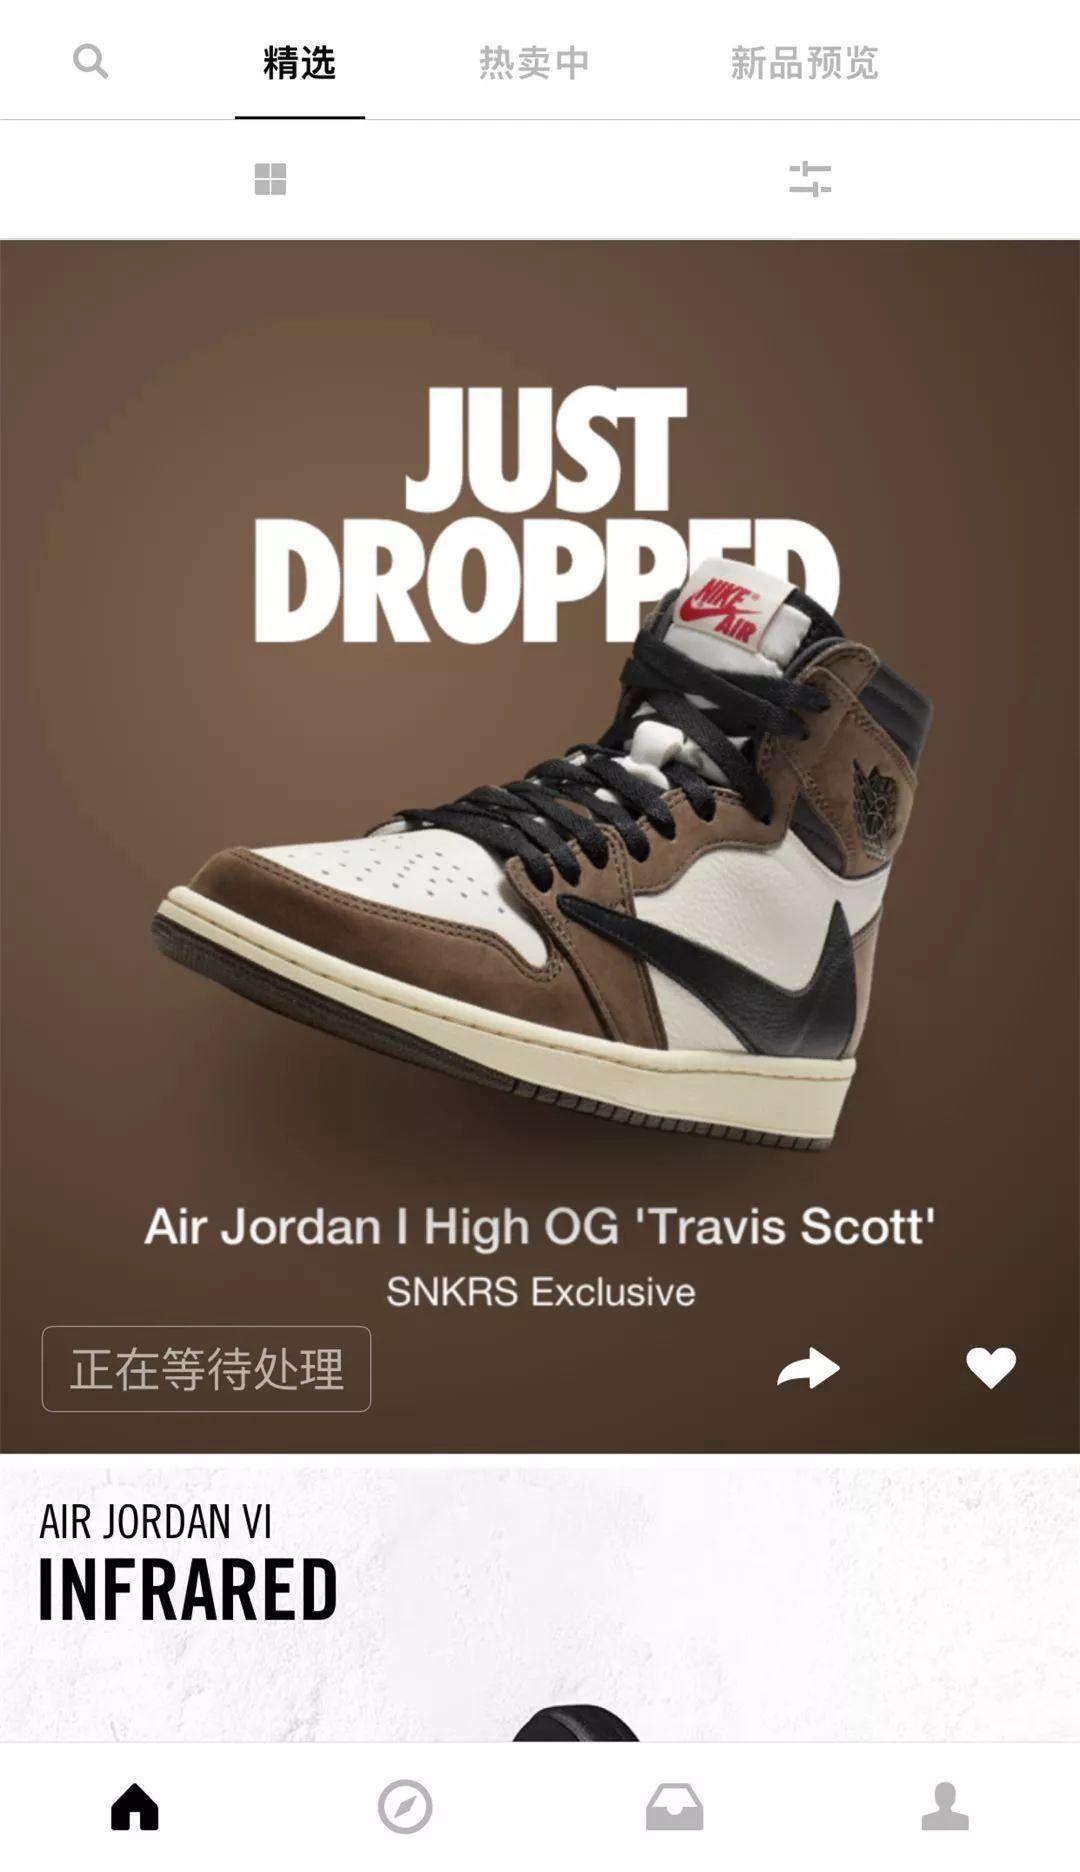 酸了,Air Jordan 1 x Travis Scott联名Snkrs突袭发售,抢到了吗?